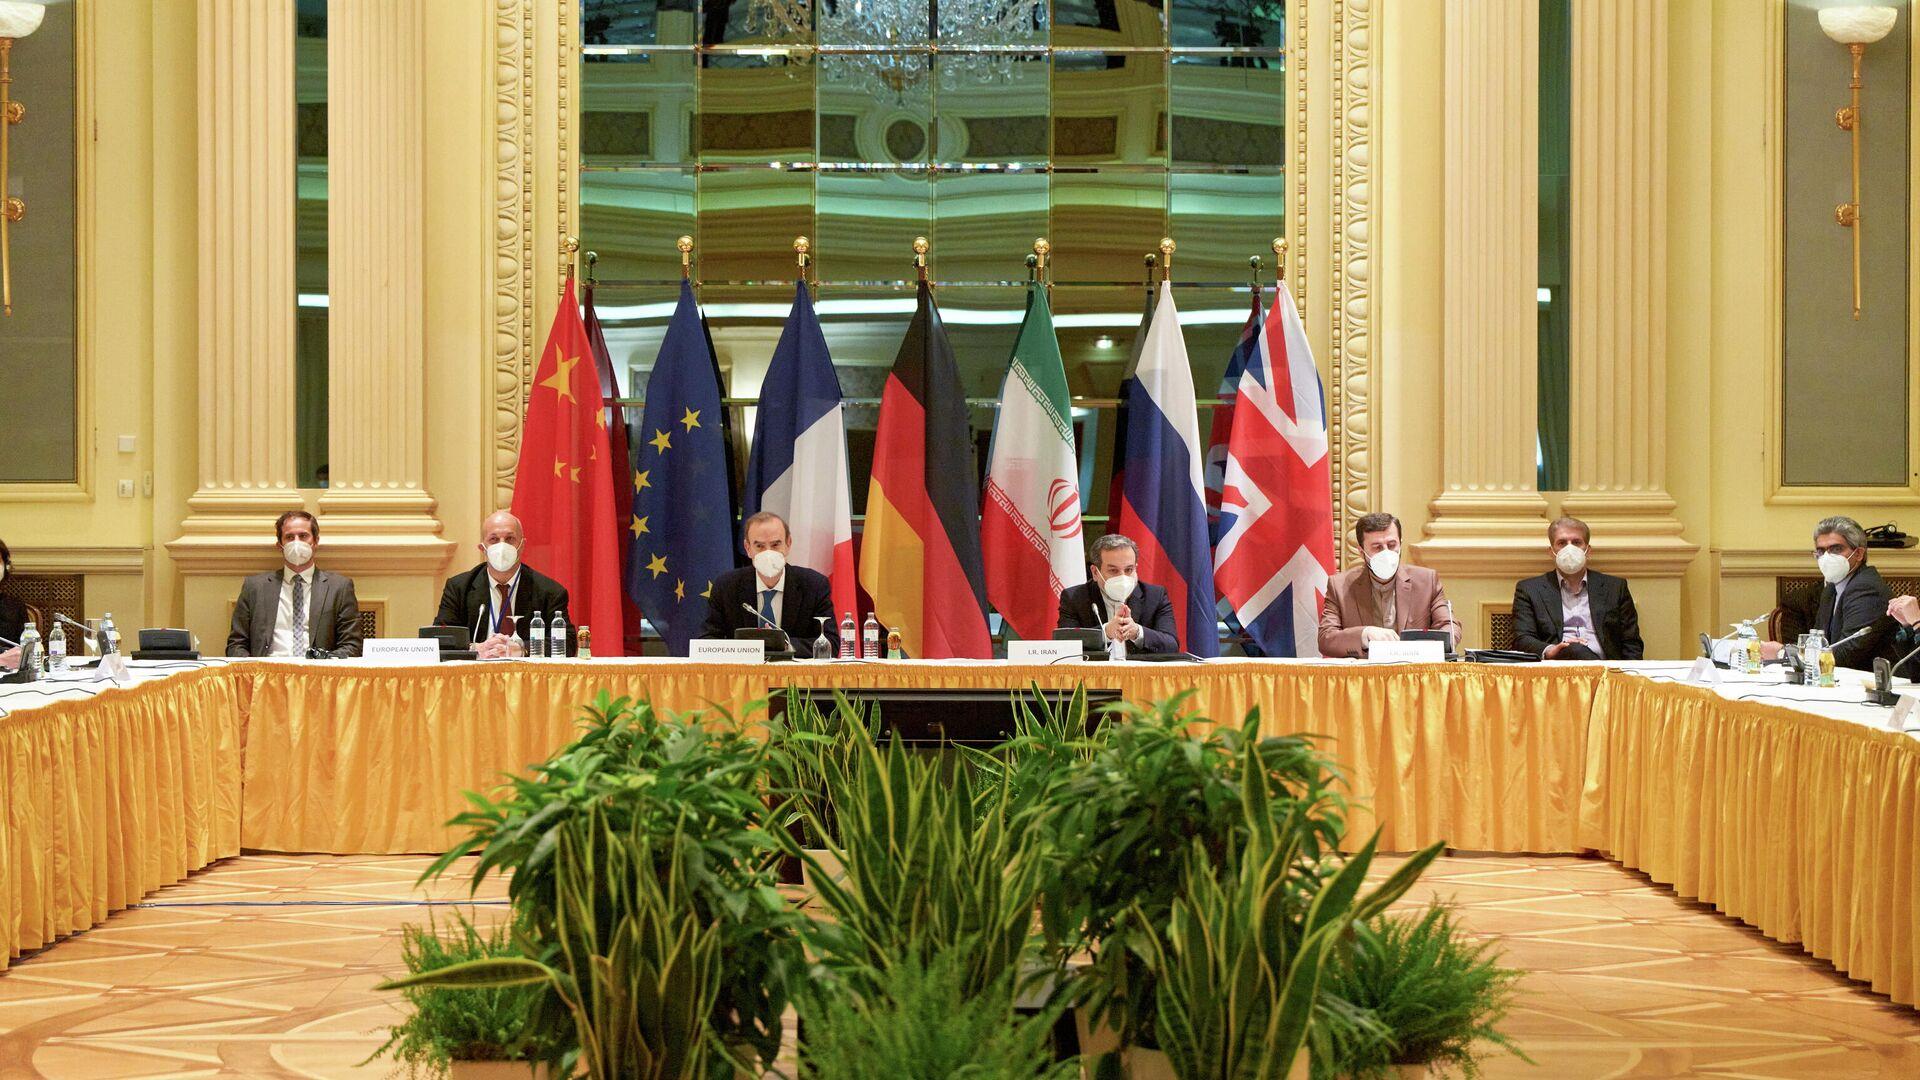 La reunión de la Comisión Conjunta del PAIC en Viena - Sputnik Mundo, 1920, 20.04.2021